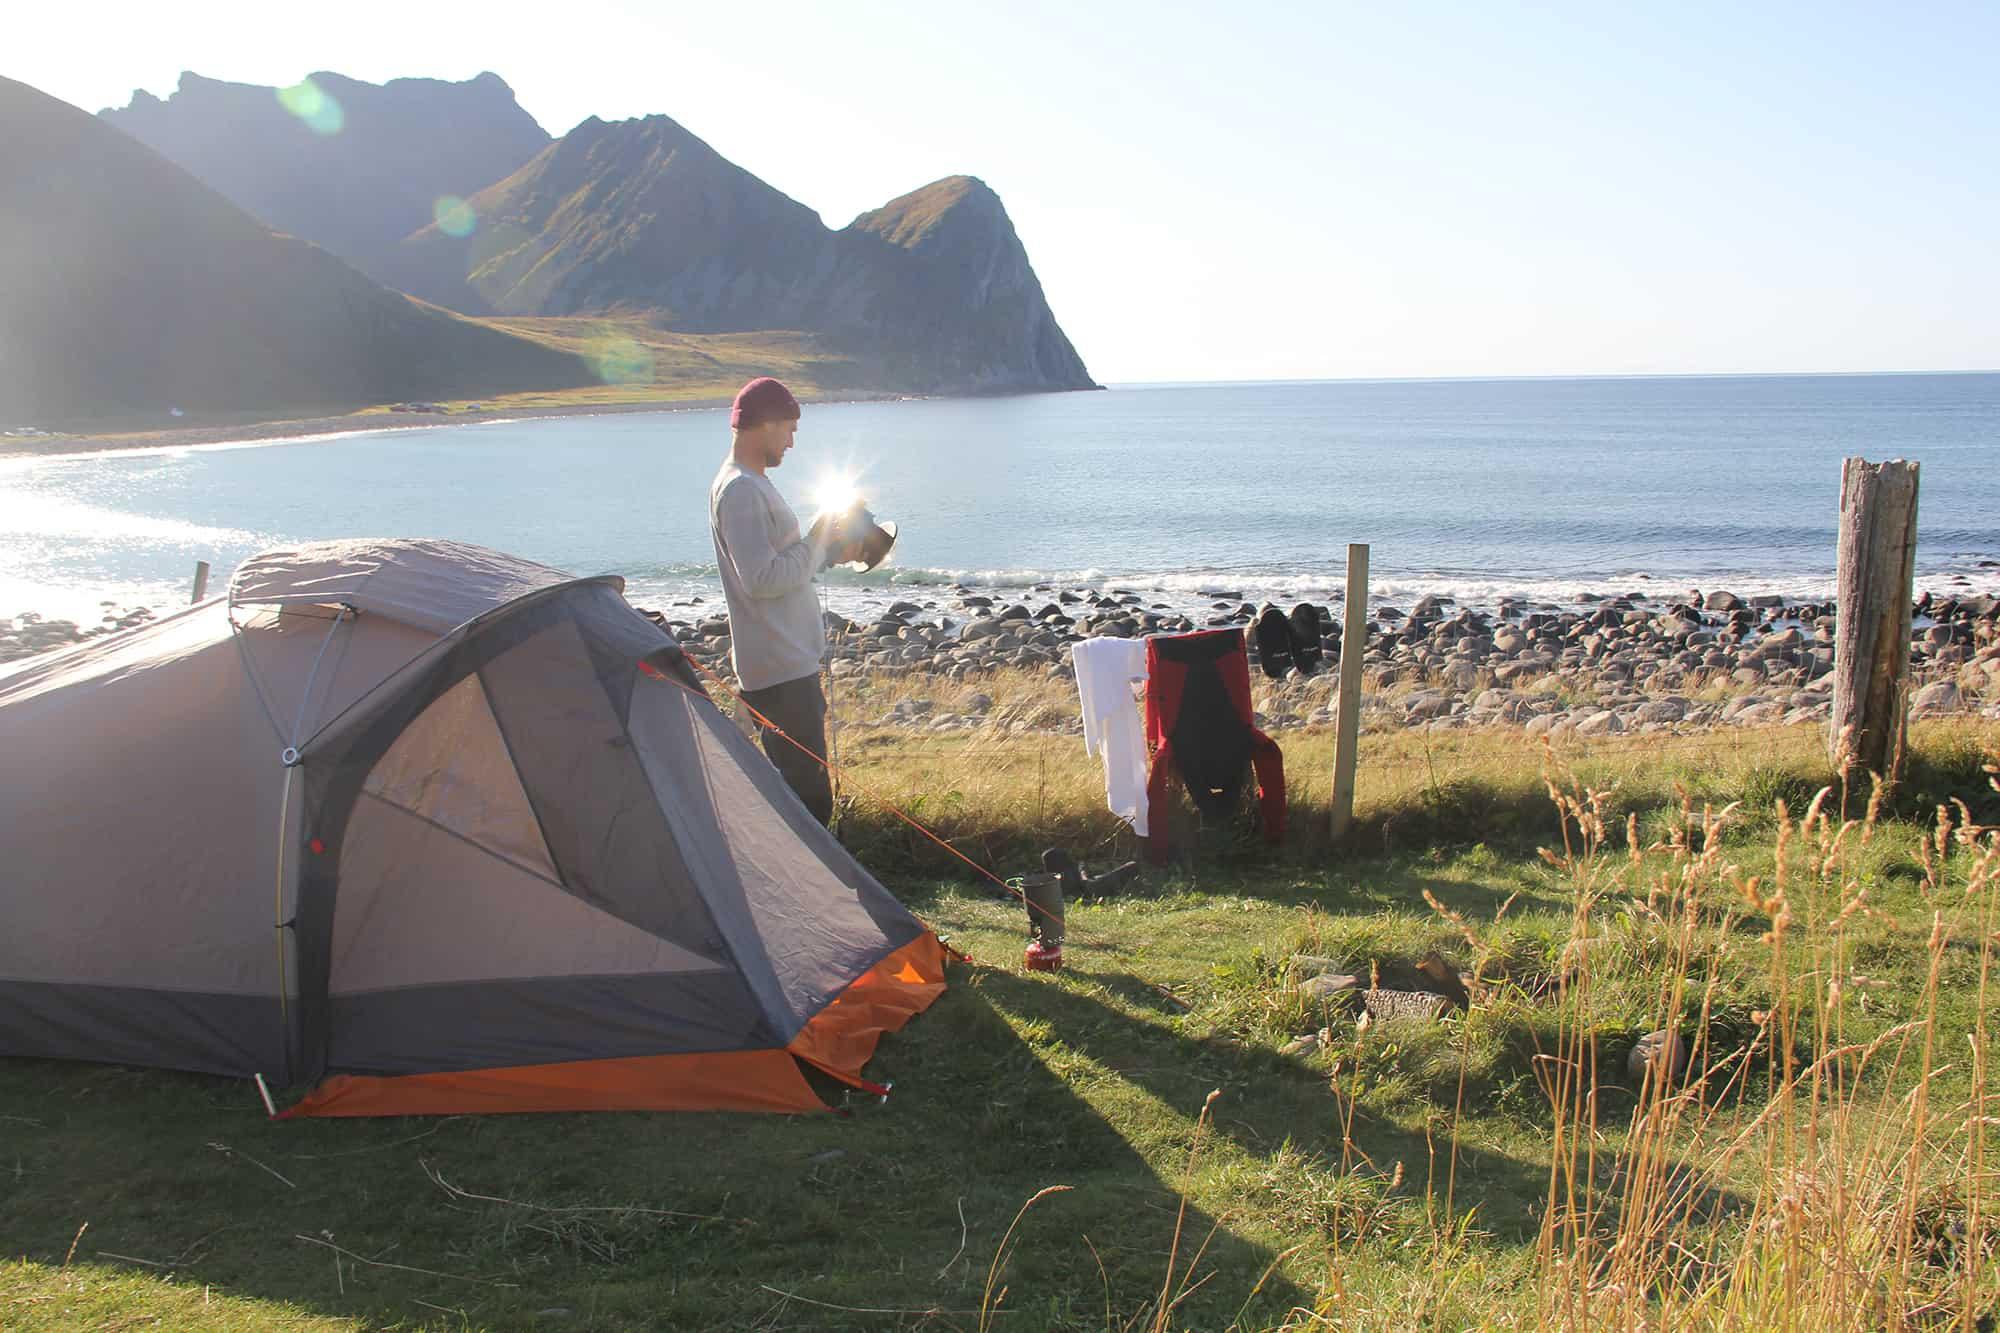 I love the seaside - Telte er en fantastisk måte å oppleve norge på